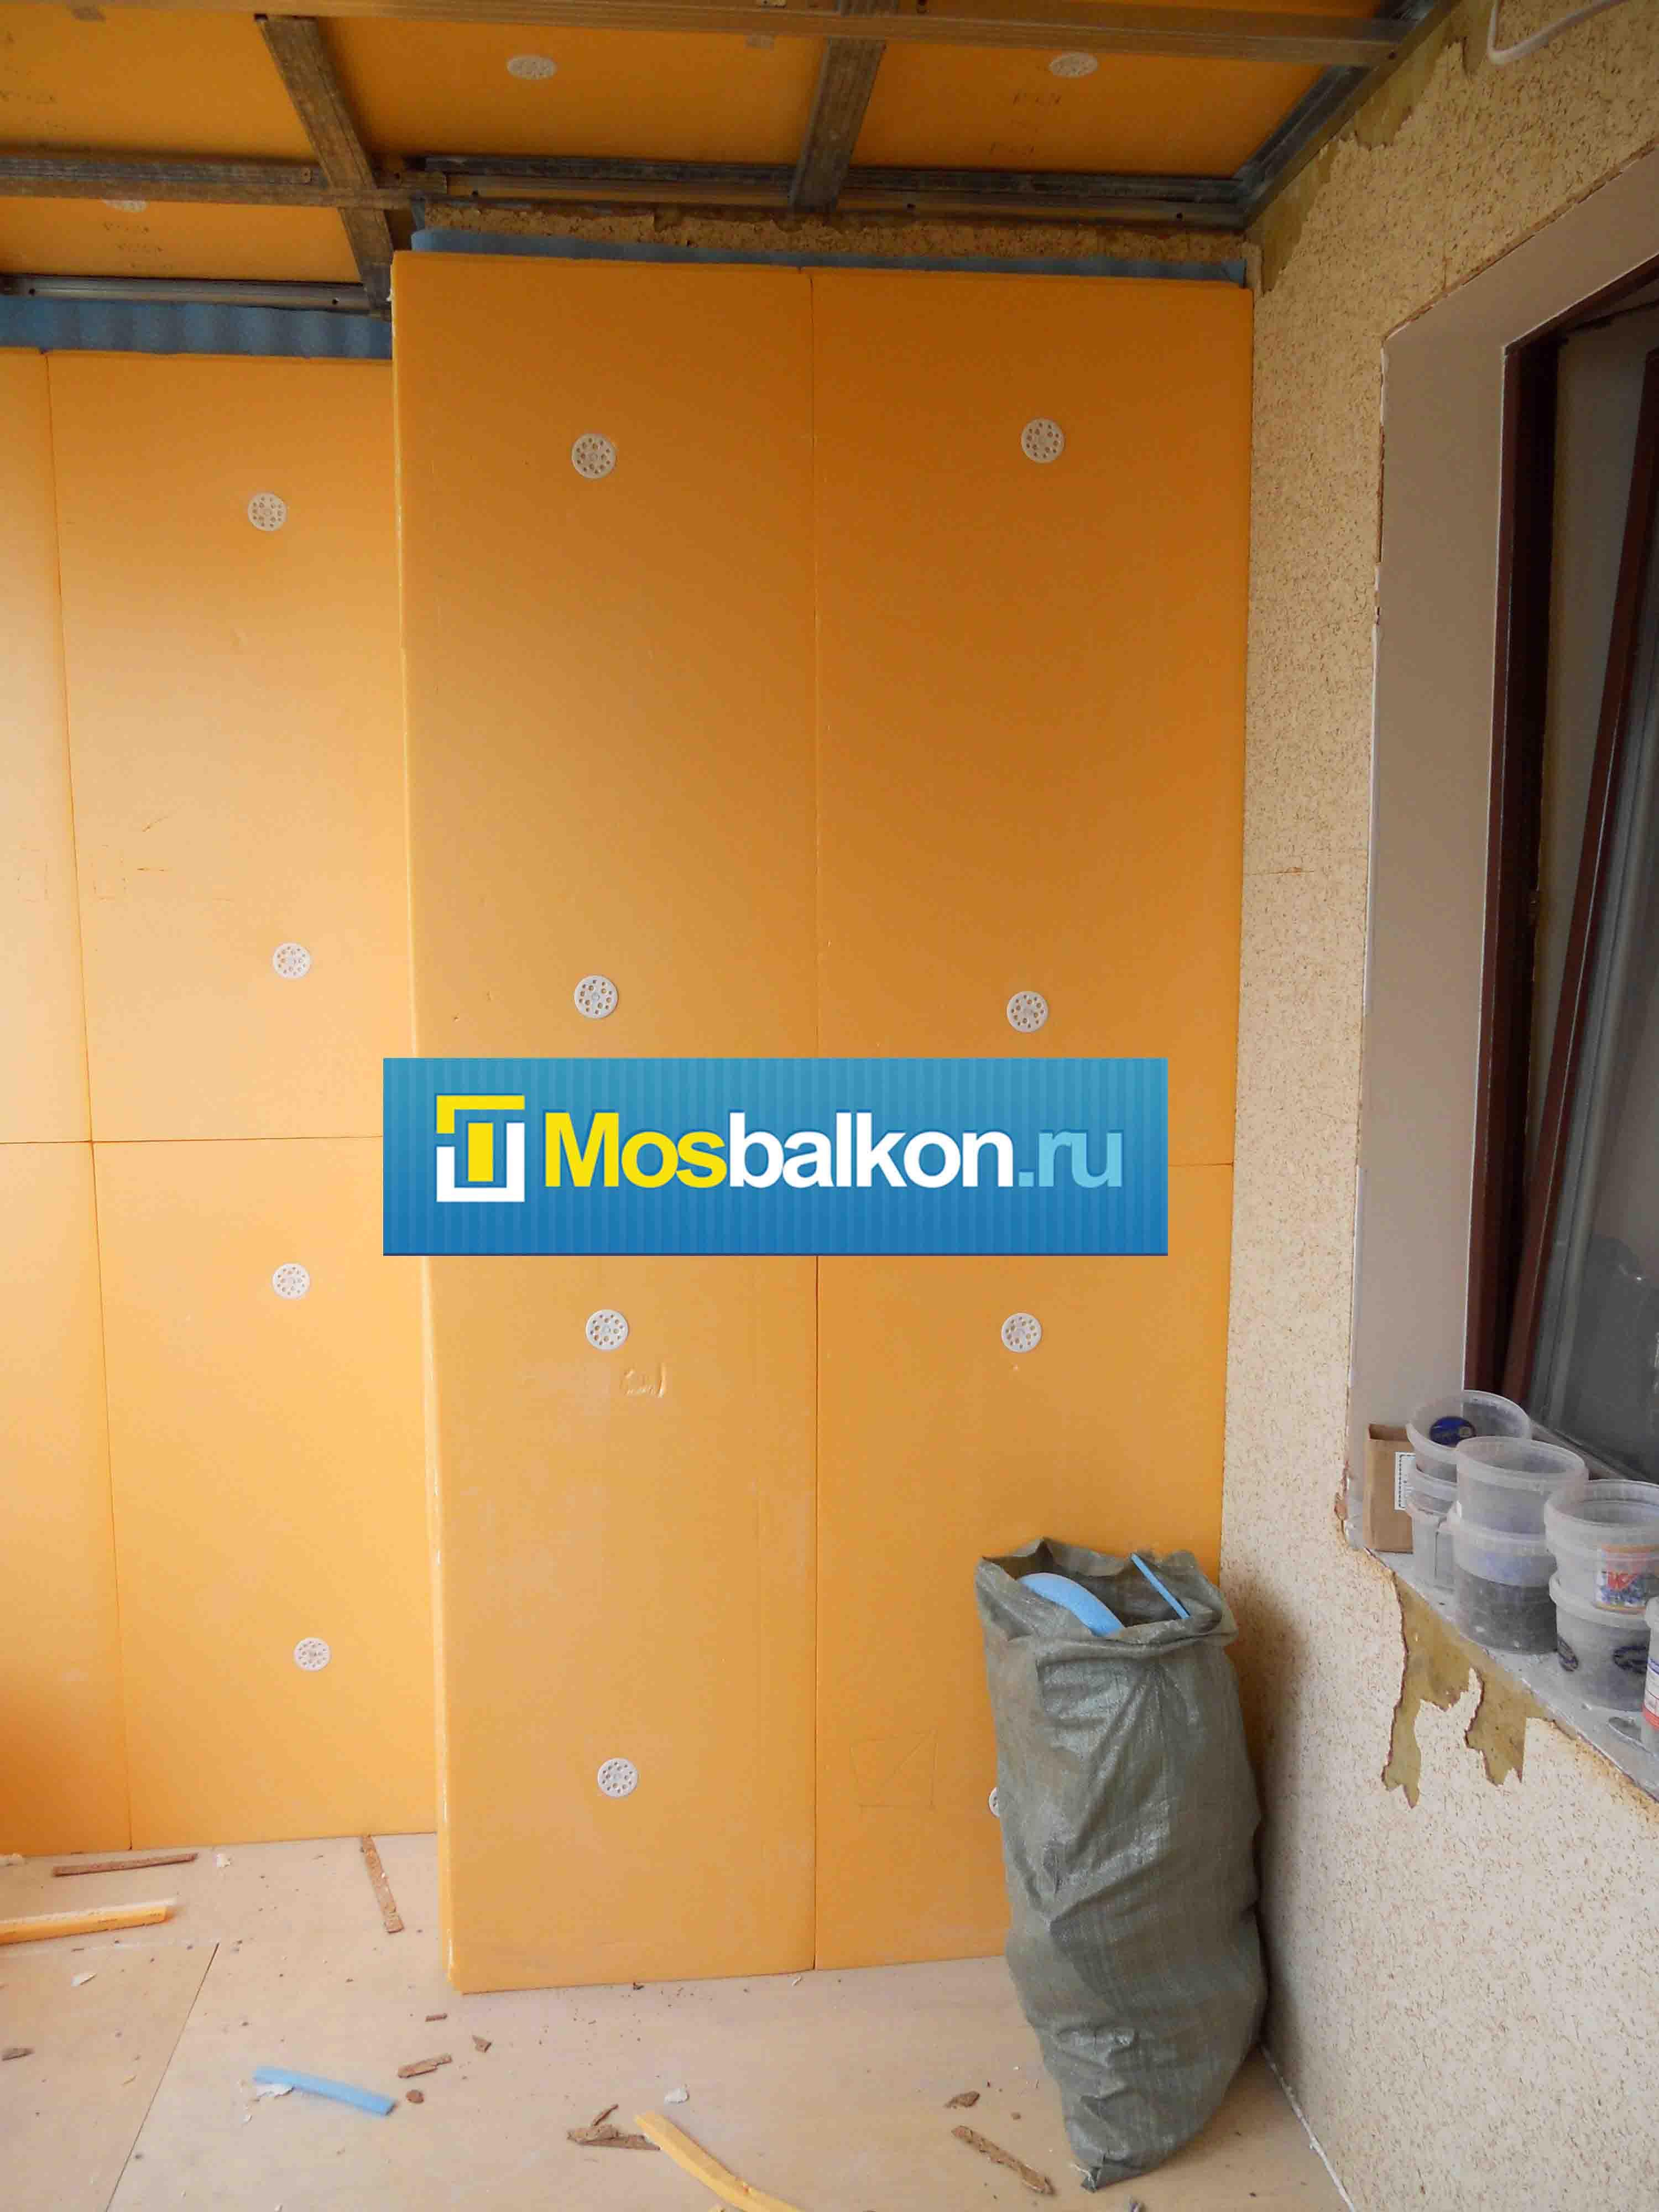 """Утепление балконов и лоджий / """"мосбалкон"""" - отд... - мои фот."""